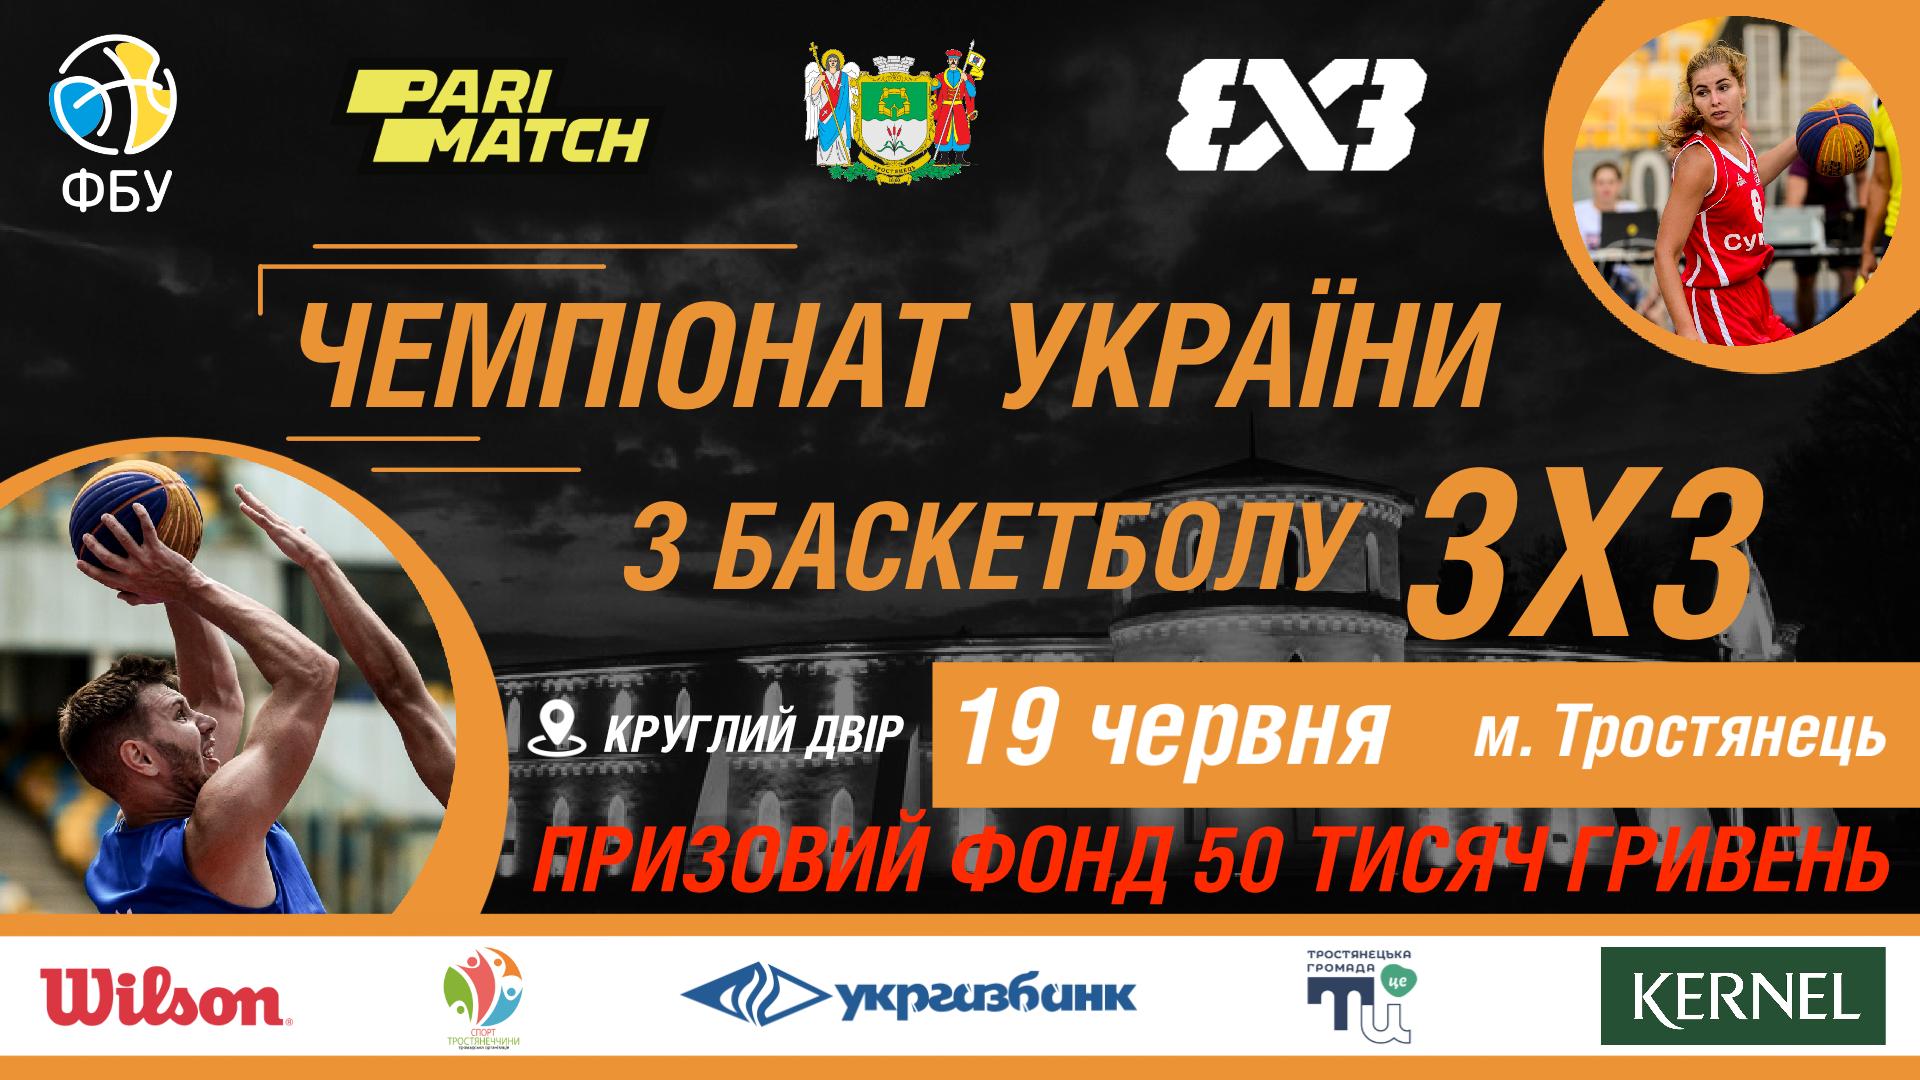 Завершується реєстрація учасників стартового туру чемпіонату України з баскетболу 3х3